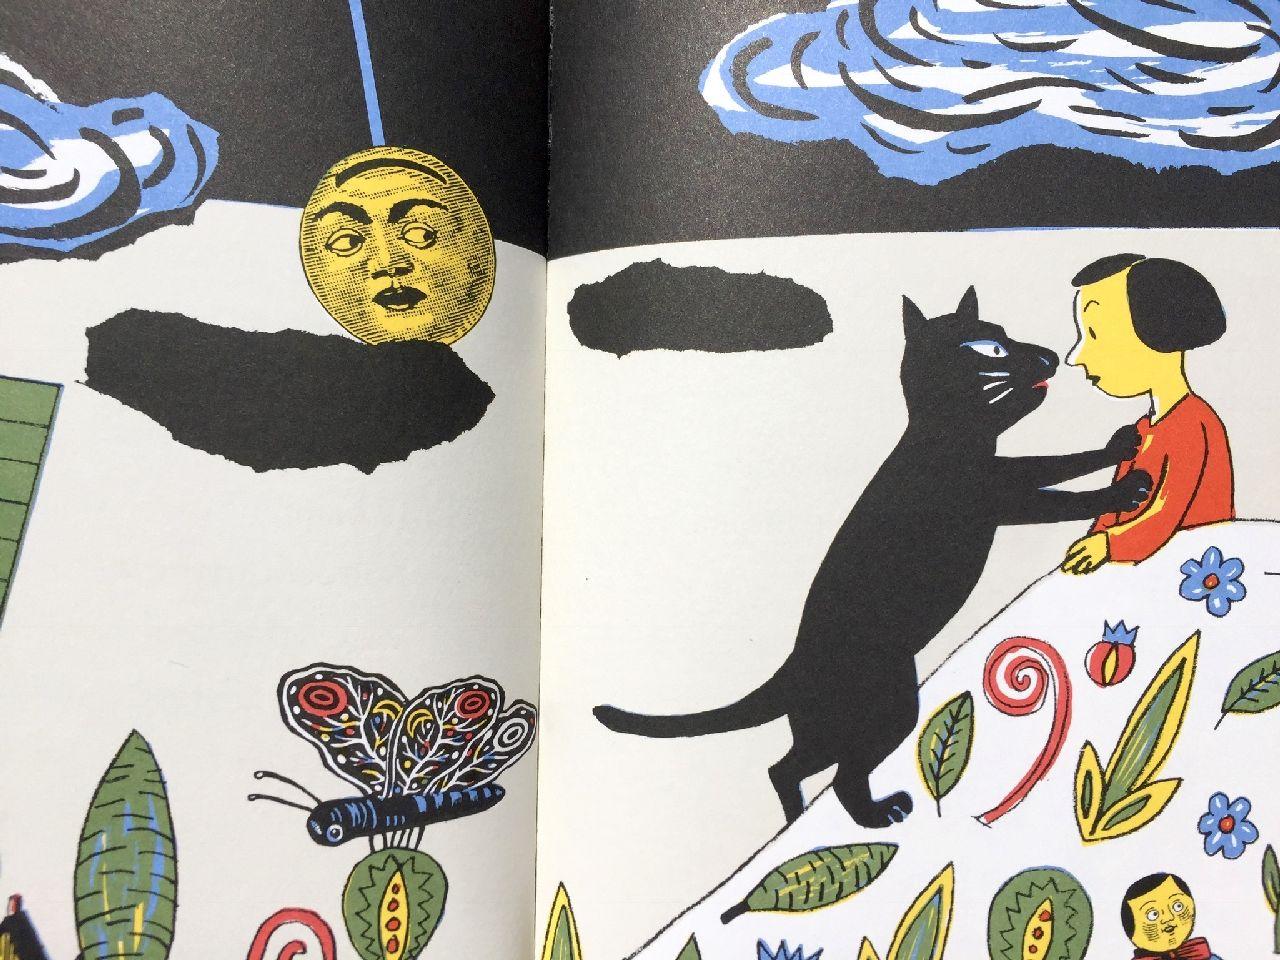 Ingrid Bachér, Rotraut Susanne Berner, La bambina e il gatto, Topipittori